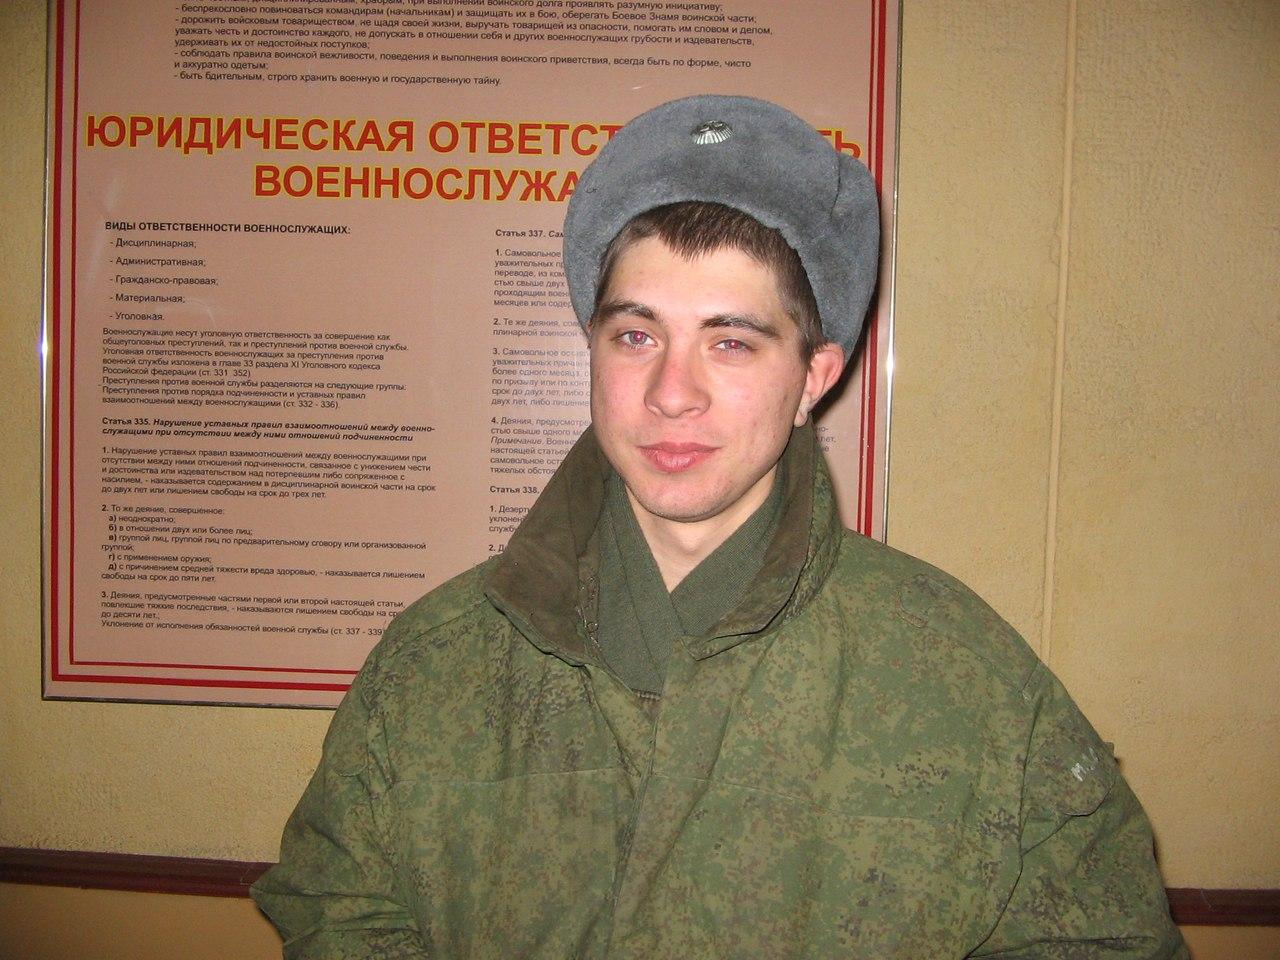 Дмитрий Мягков, Касли - фото №6